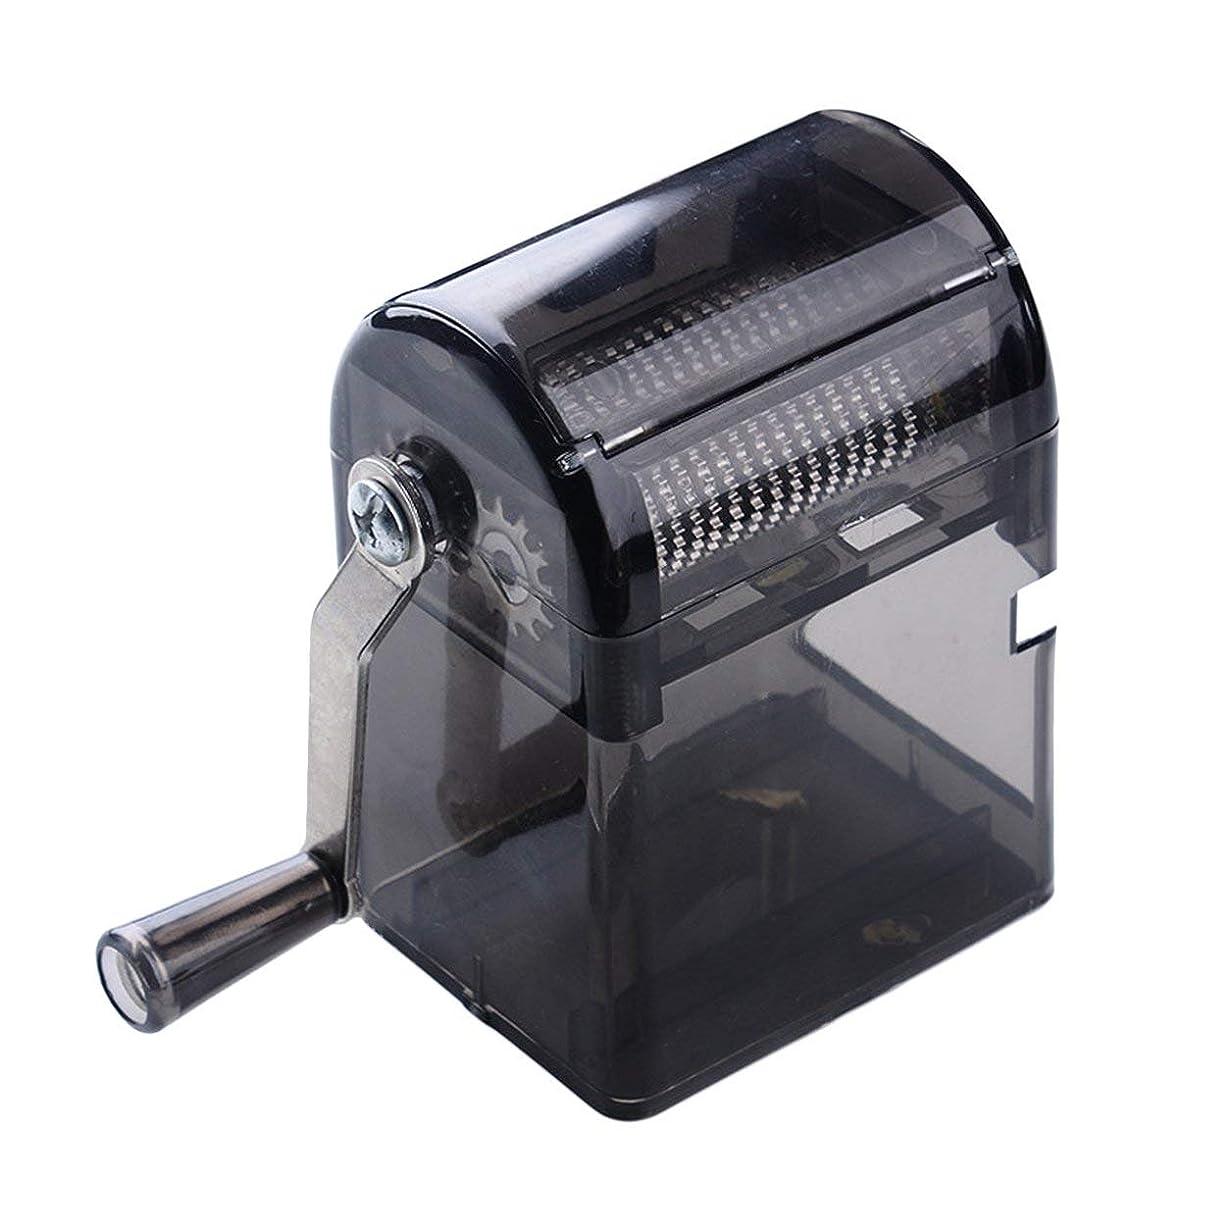 病的継承ヒゲSaikogoods シンプルなデザイン手回しタバコグラインダー耐久性のある利用タバコハーブスパイスクラッシャーマニュアルミュラータバコ用品 黒